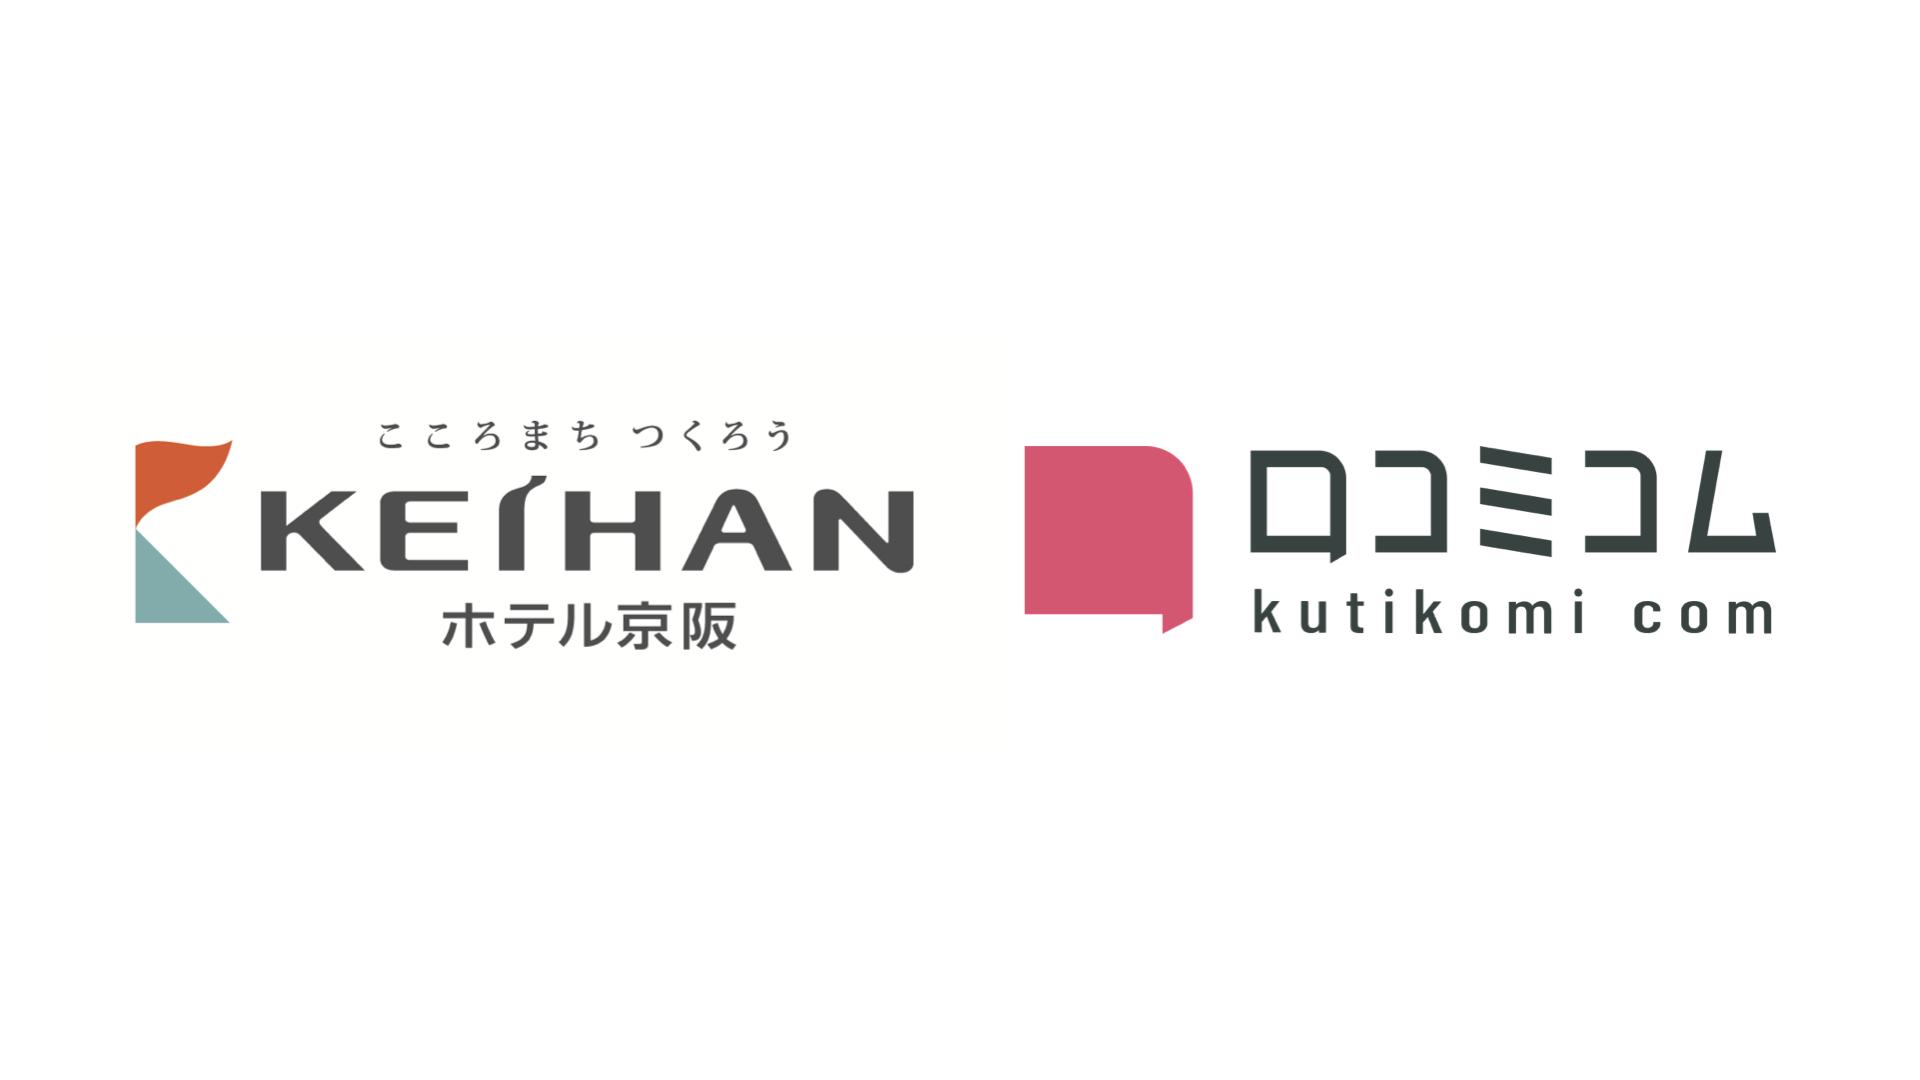 「ホテル京阪」にお客様の声のDXサービス「口コミコム」導入